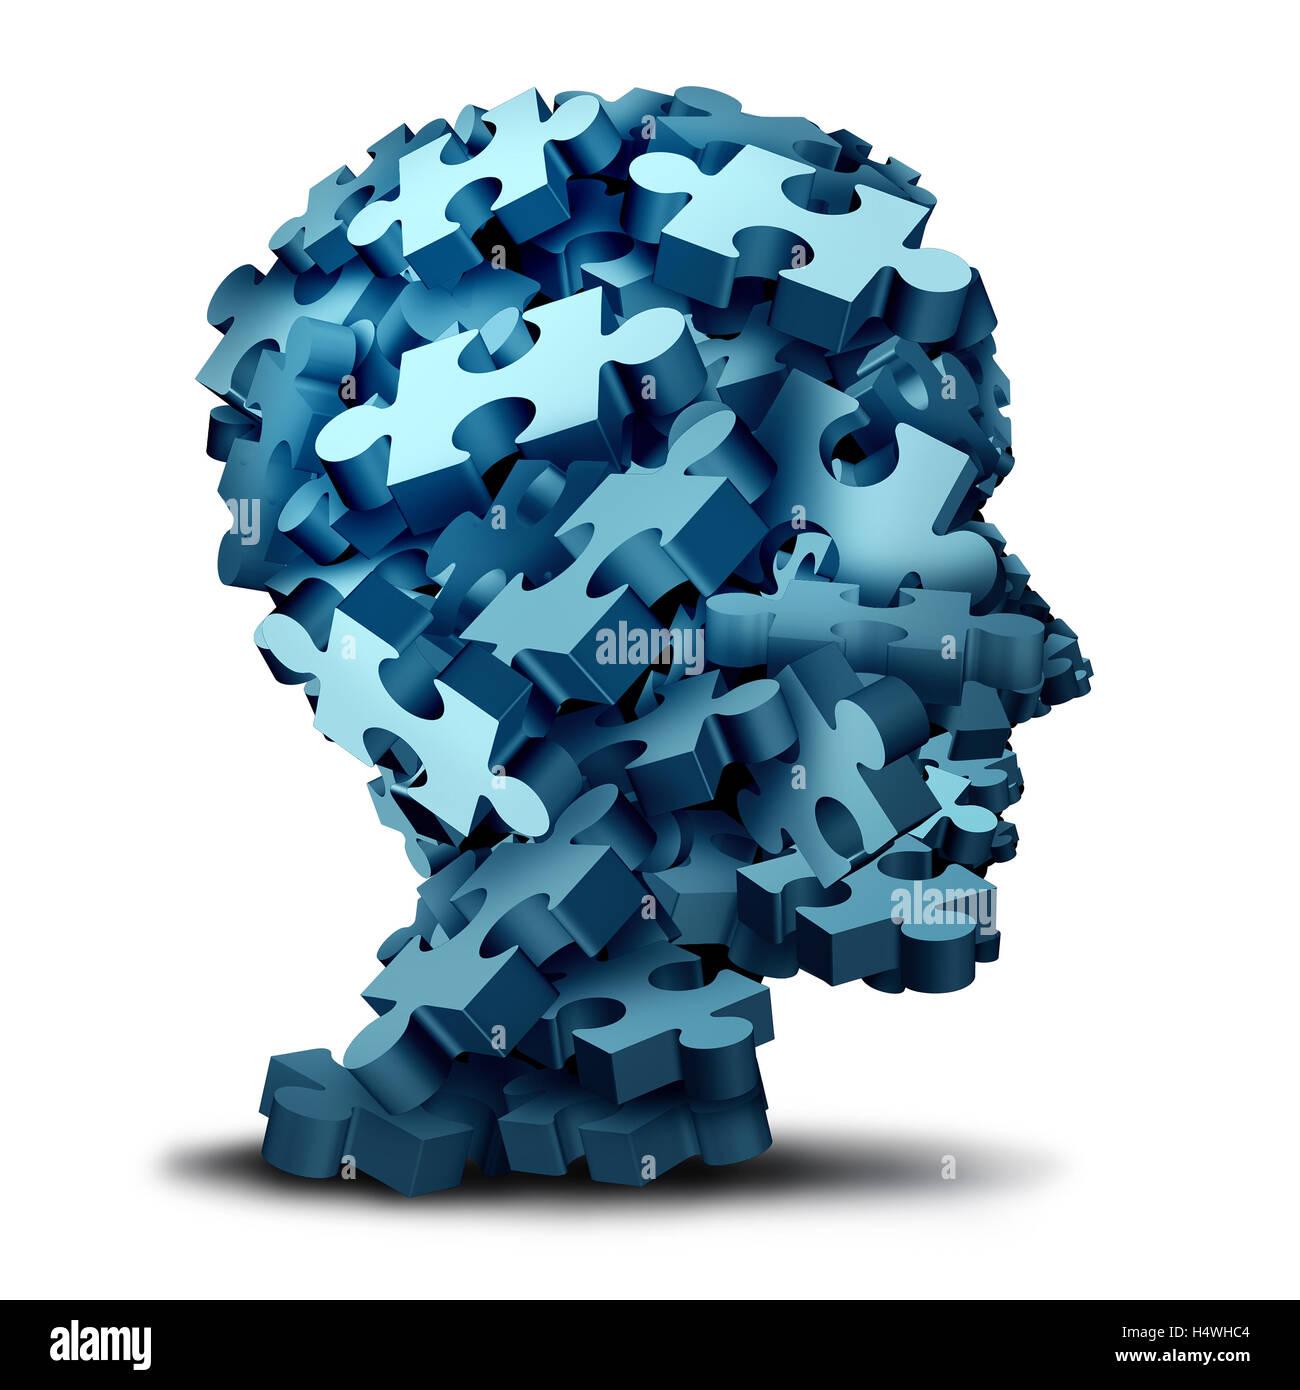 Psychologie-Puzzle-Konzept als eine eine Gruppe von 3D-Illustration Puzzleteile in Form eines menschlichen Kopfes als psychische Gesundheit Symbol für Psychiatrie und Psychologie und Hirnforschung Störung Symbol auf einem weißen Backbround. Stockfoto